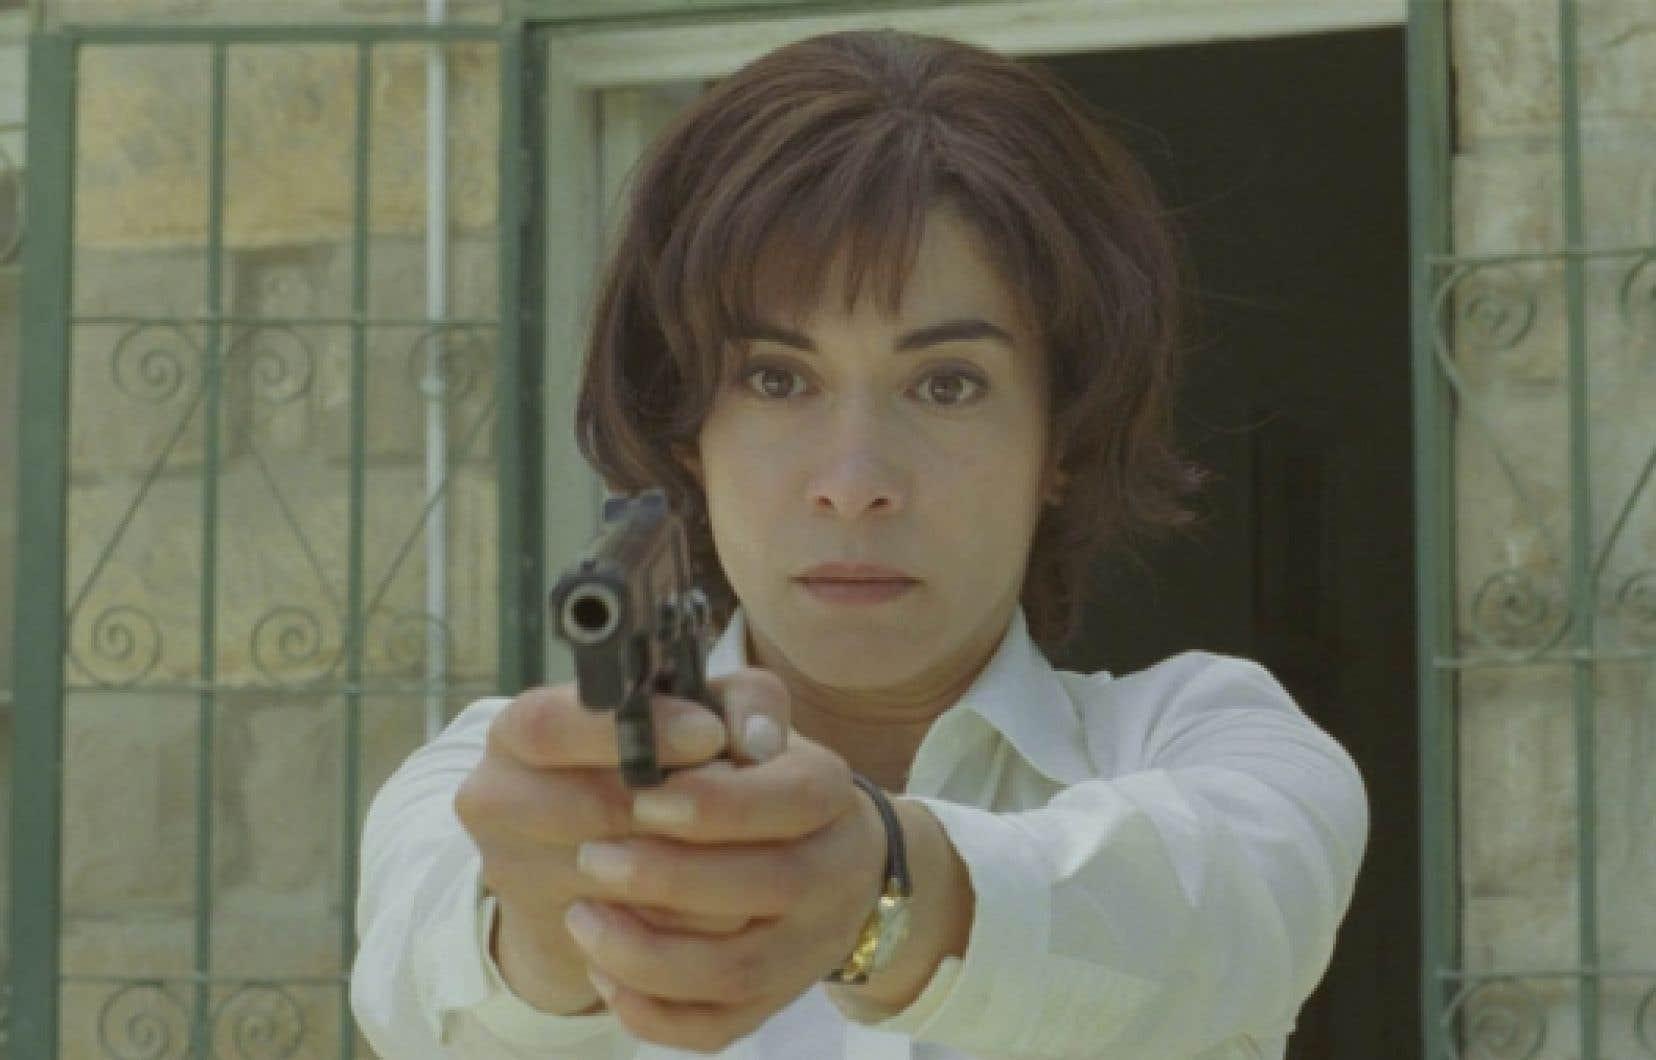 Lubna Azabal, si bouleversante dans le r&ocirc;le de la m&egrave;re dans Incendies, a remport&eacute; le G&eacute;nie de la meilleure actrice.<br />